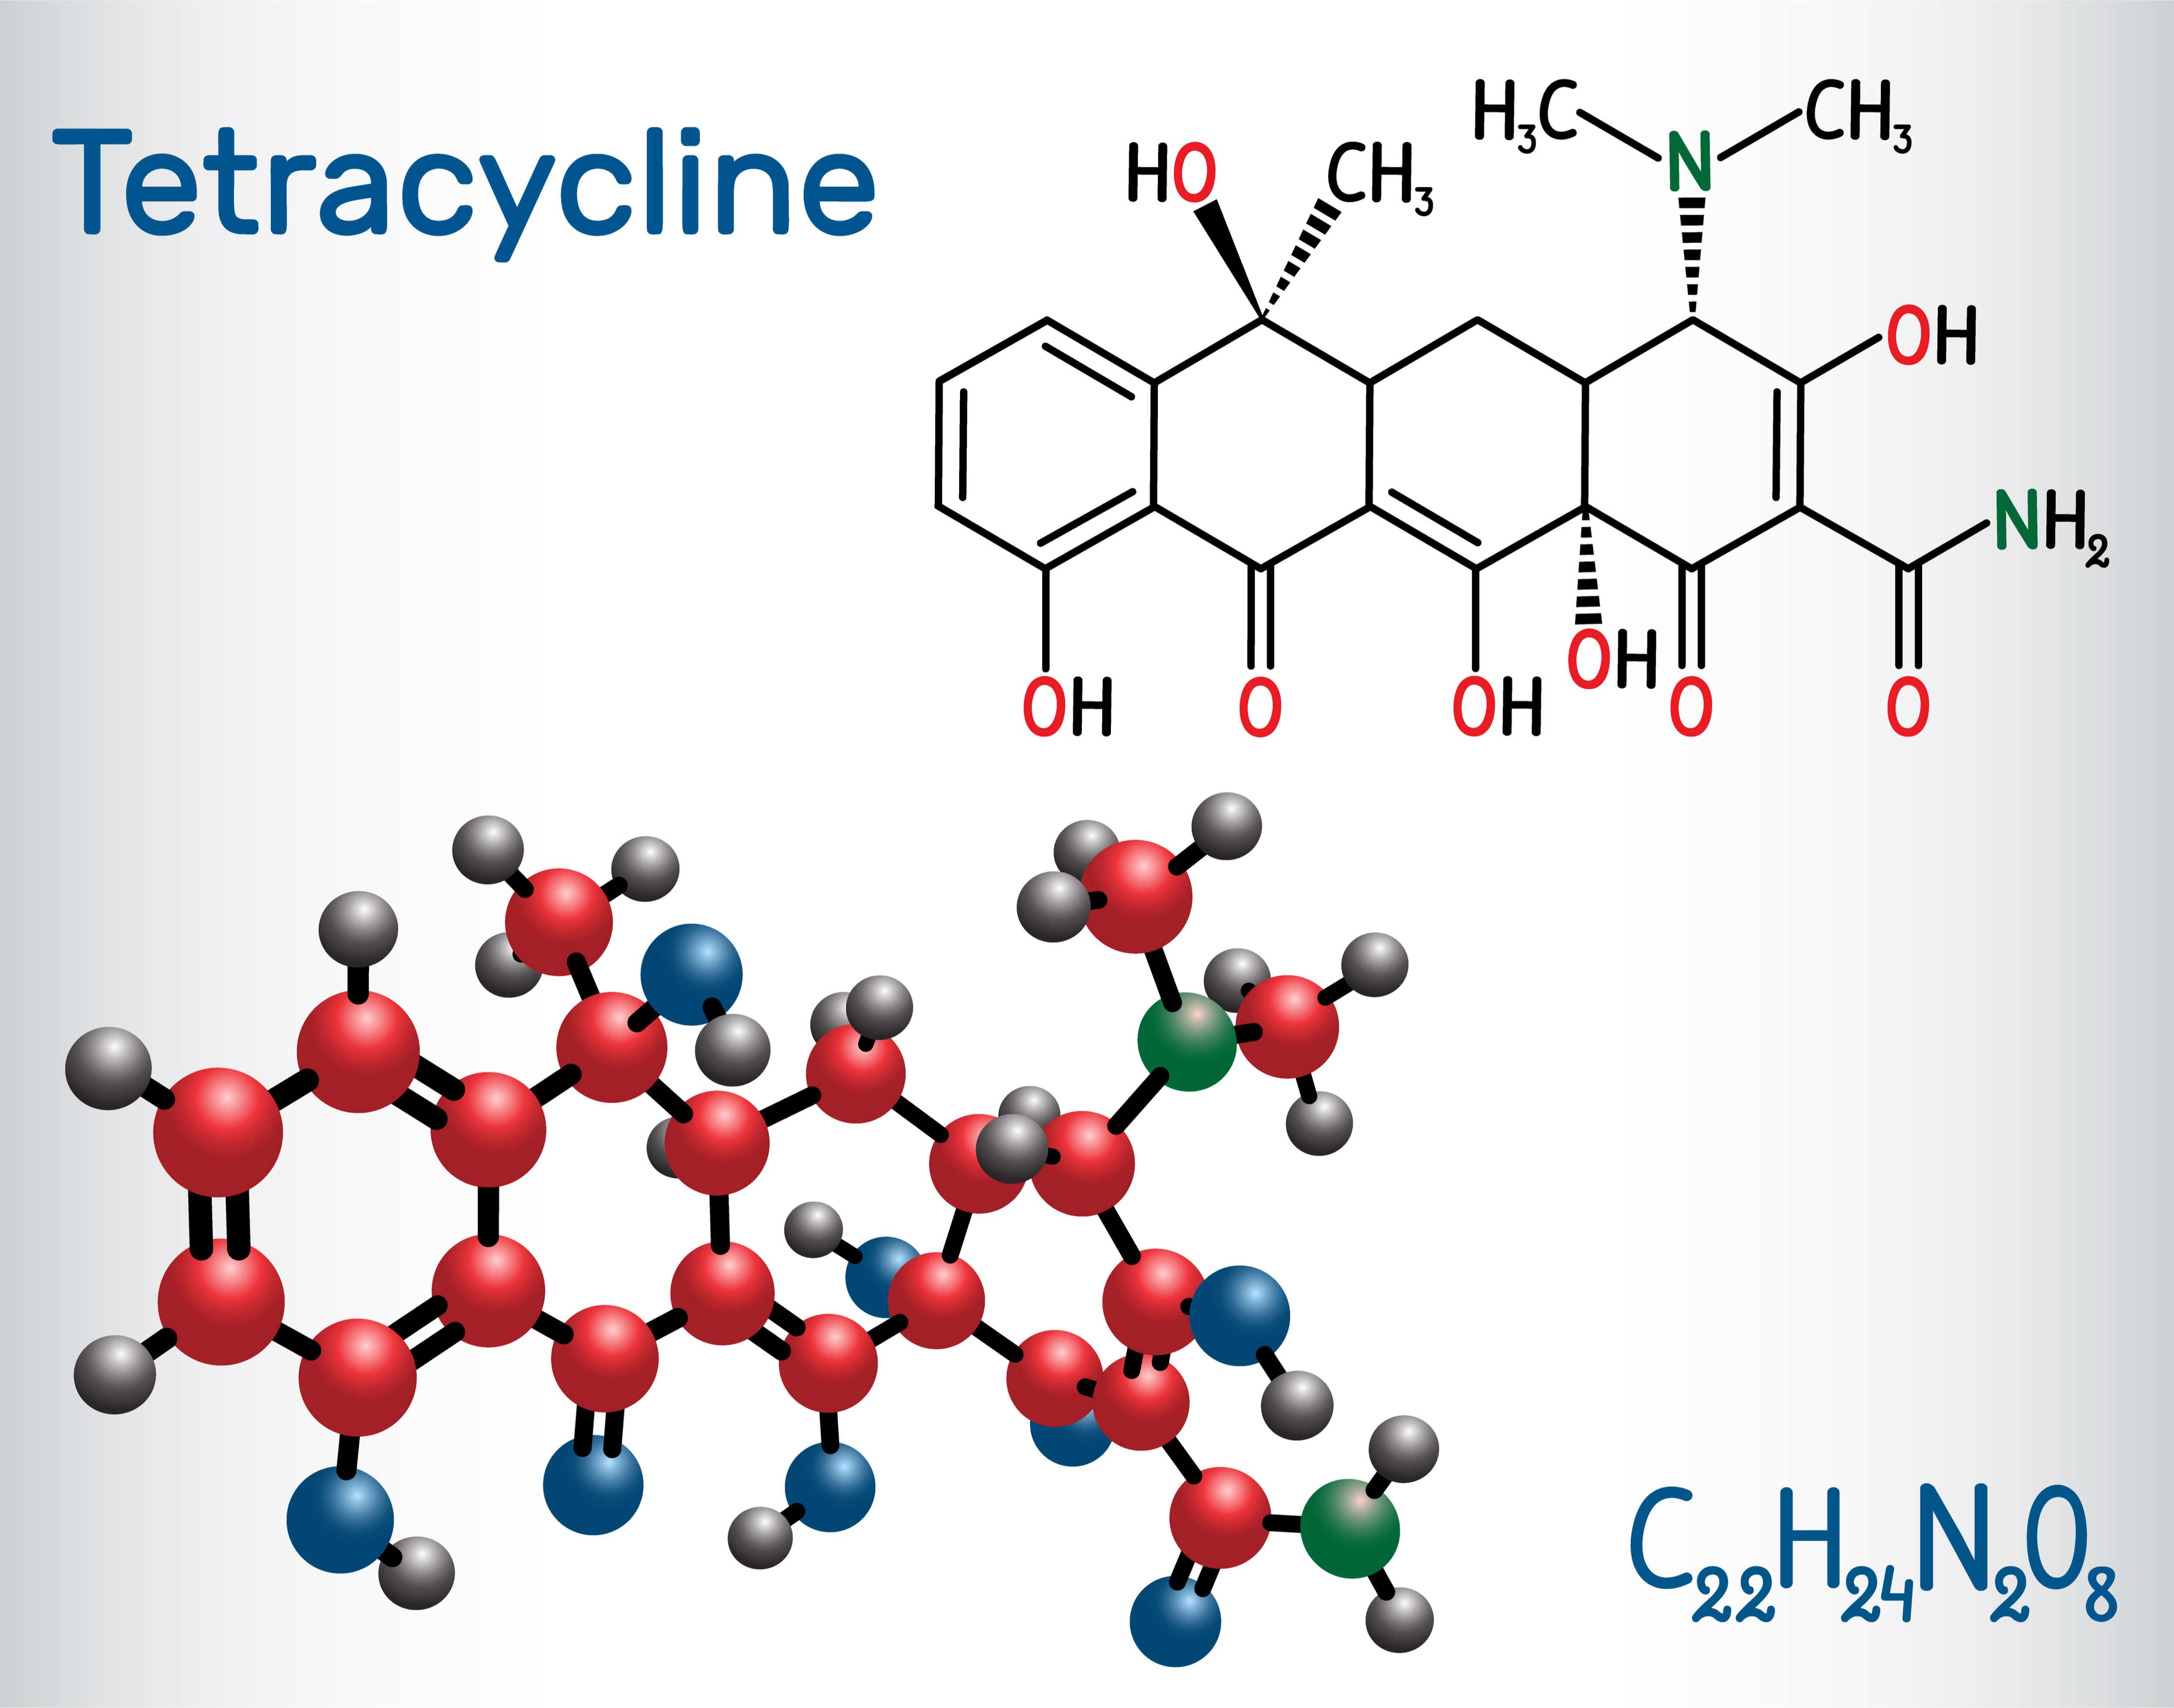 テトラサイクリン分子構造